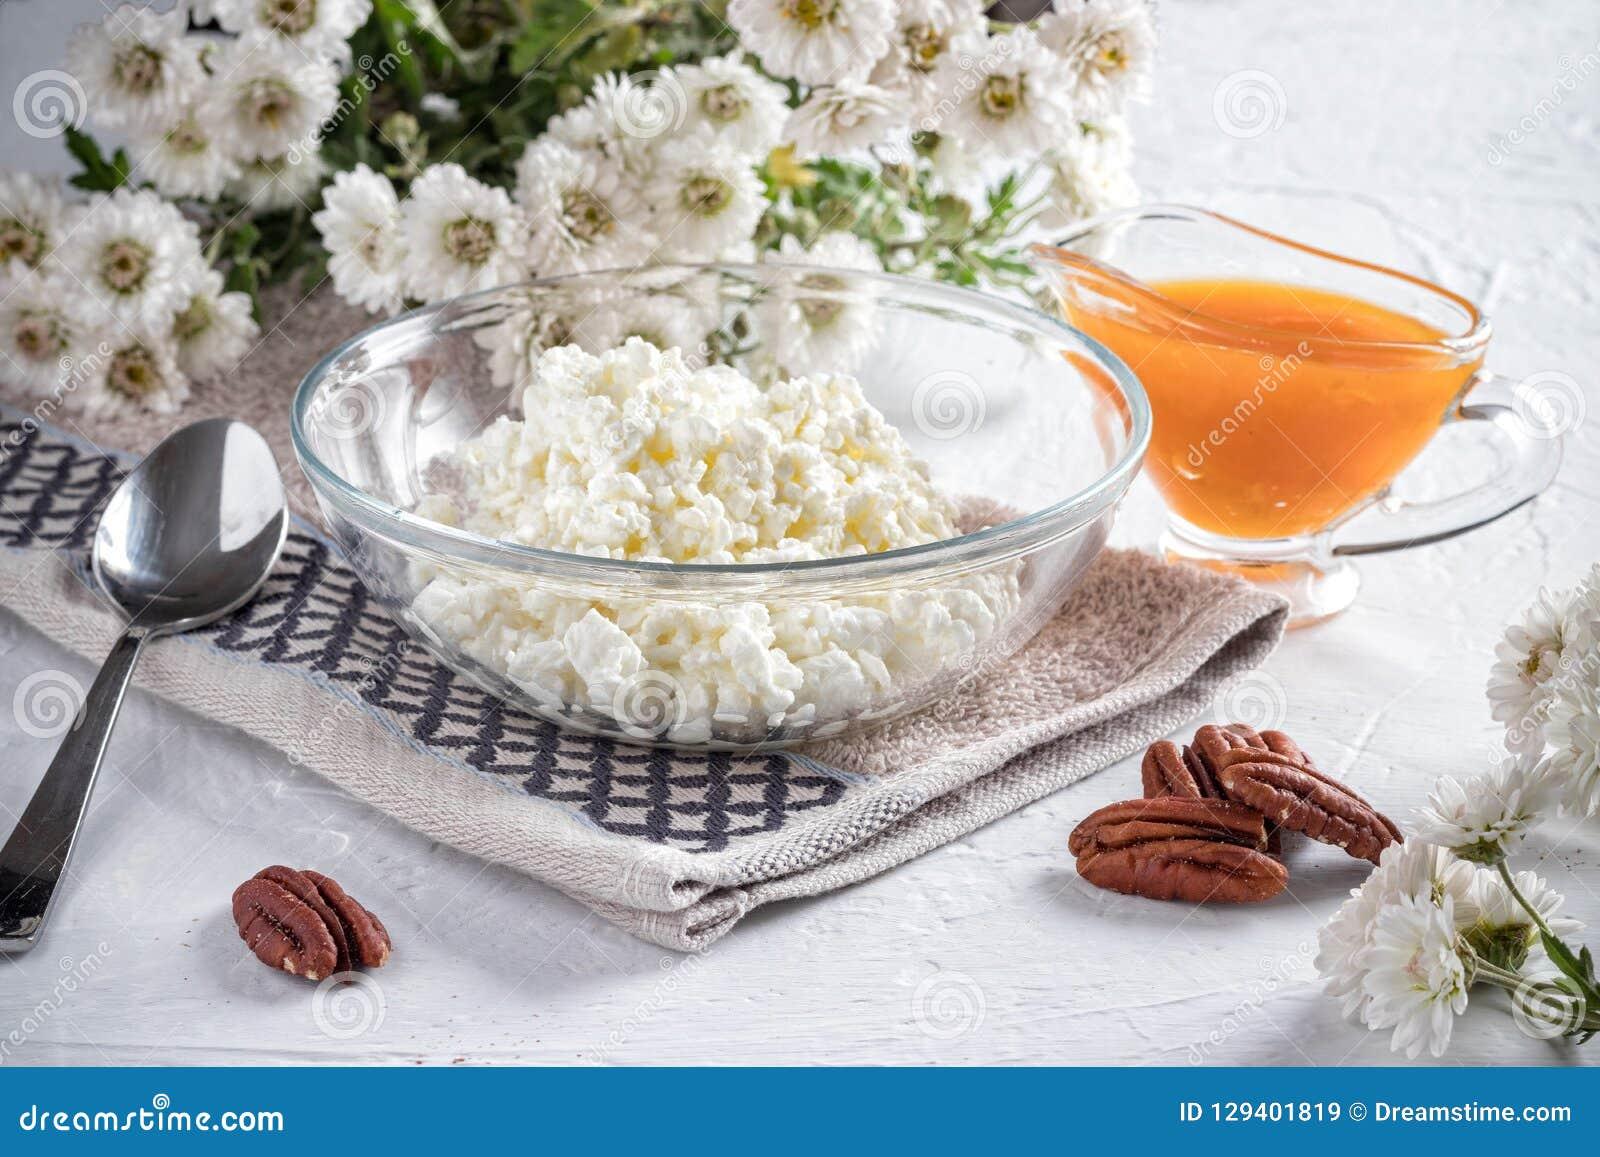 Ontbijt met gestremde melk en abrikozenjam